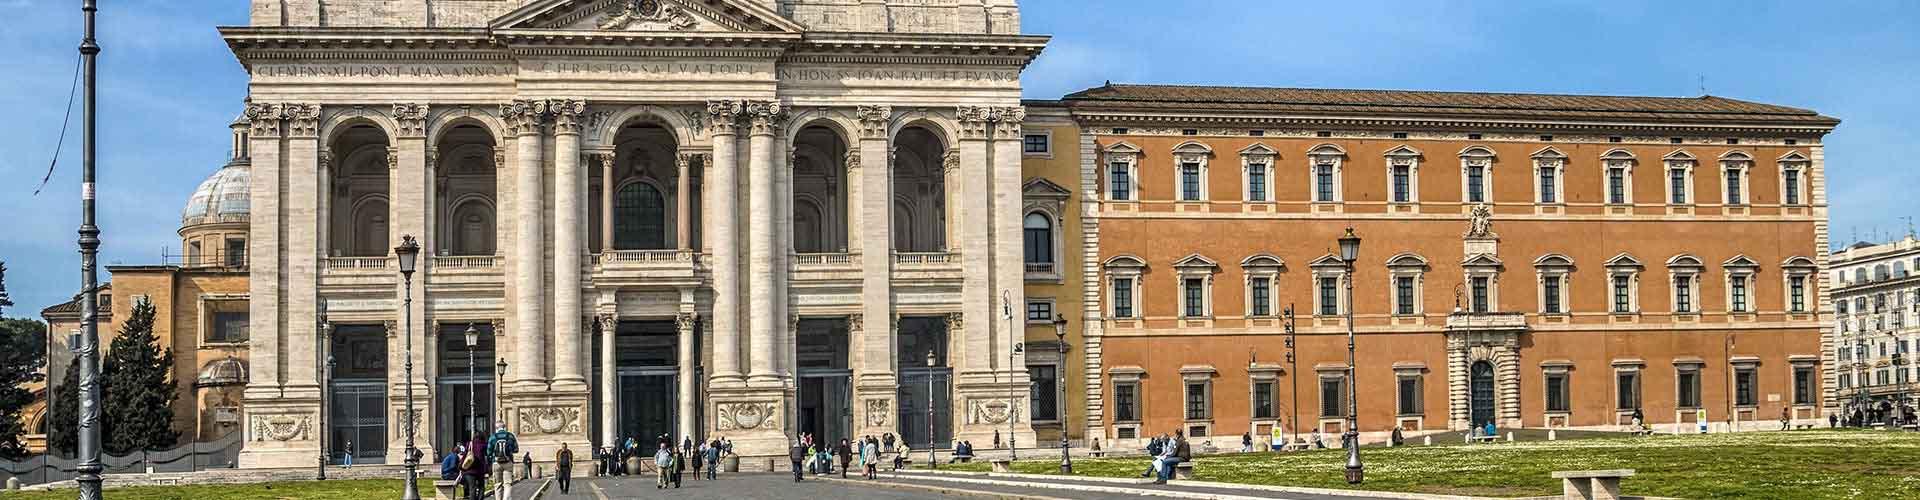 Rooma – Hostellit kaupungiosassa San Giovanni. Rooma -karttoja, valokuvia ja arvosteluja kaikista Rooma -hostelleista.